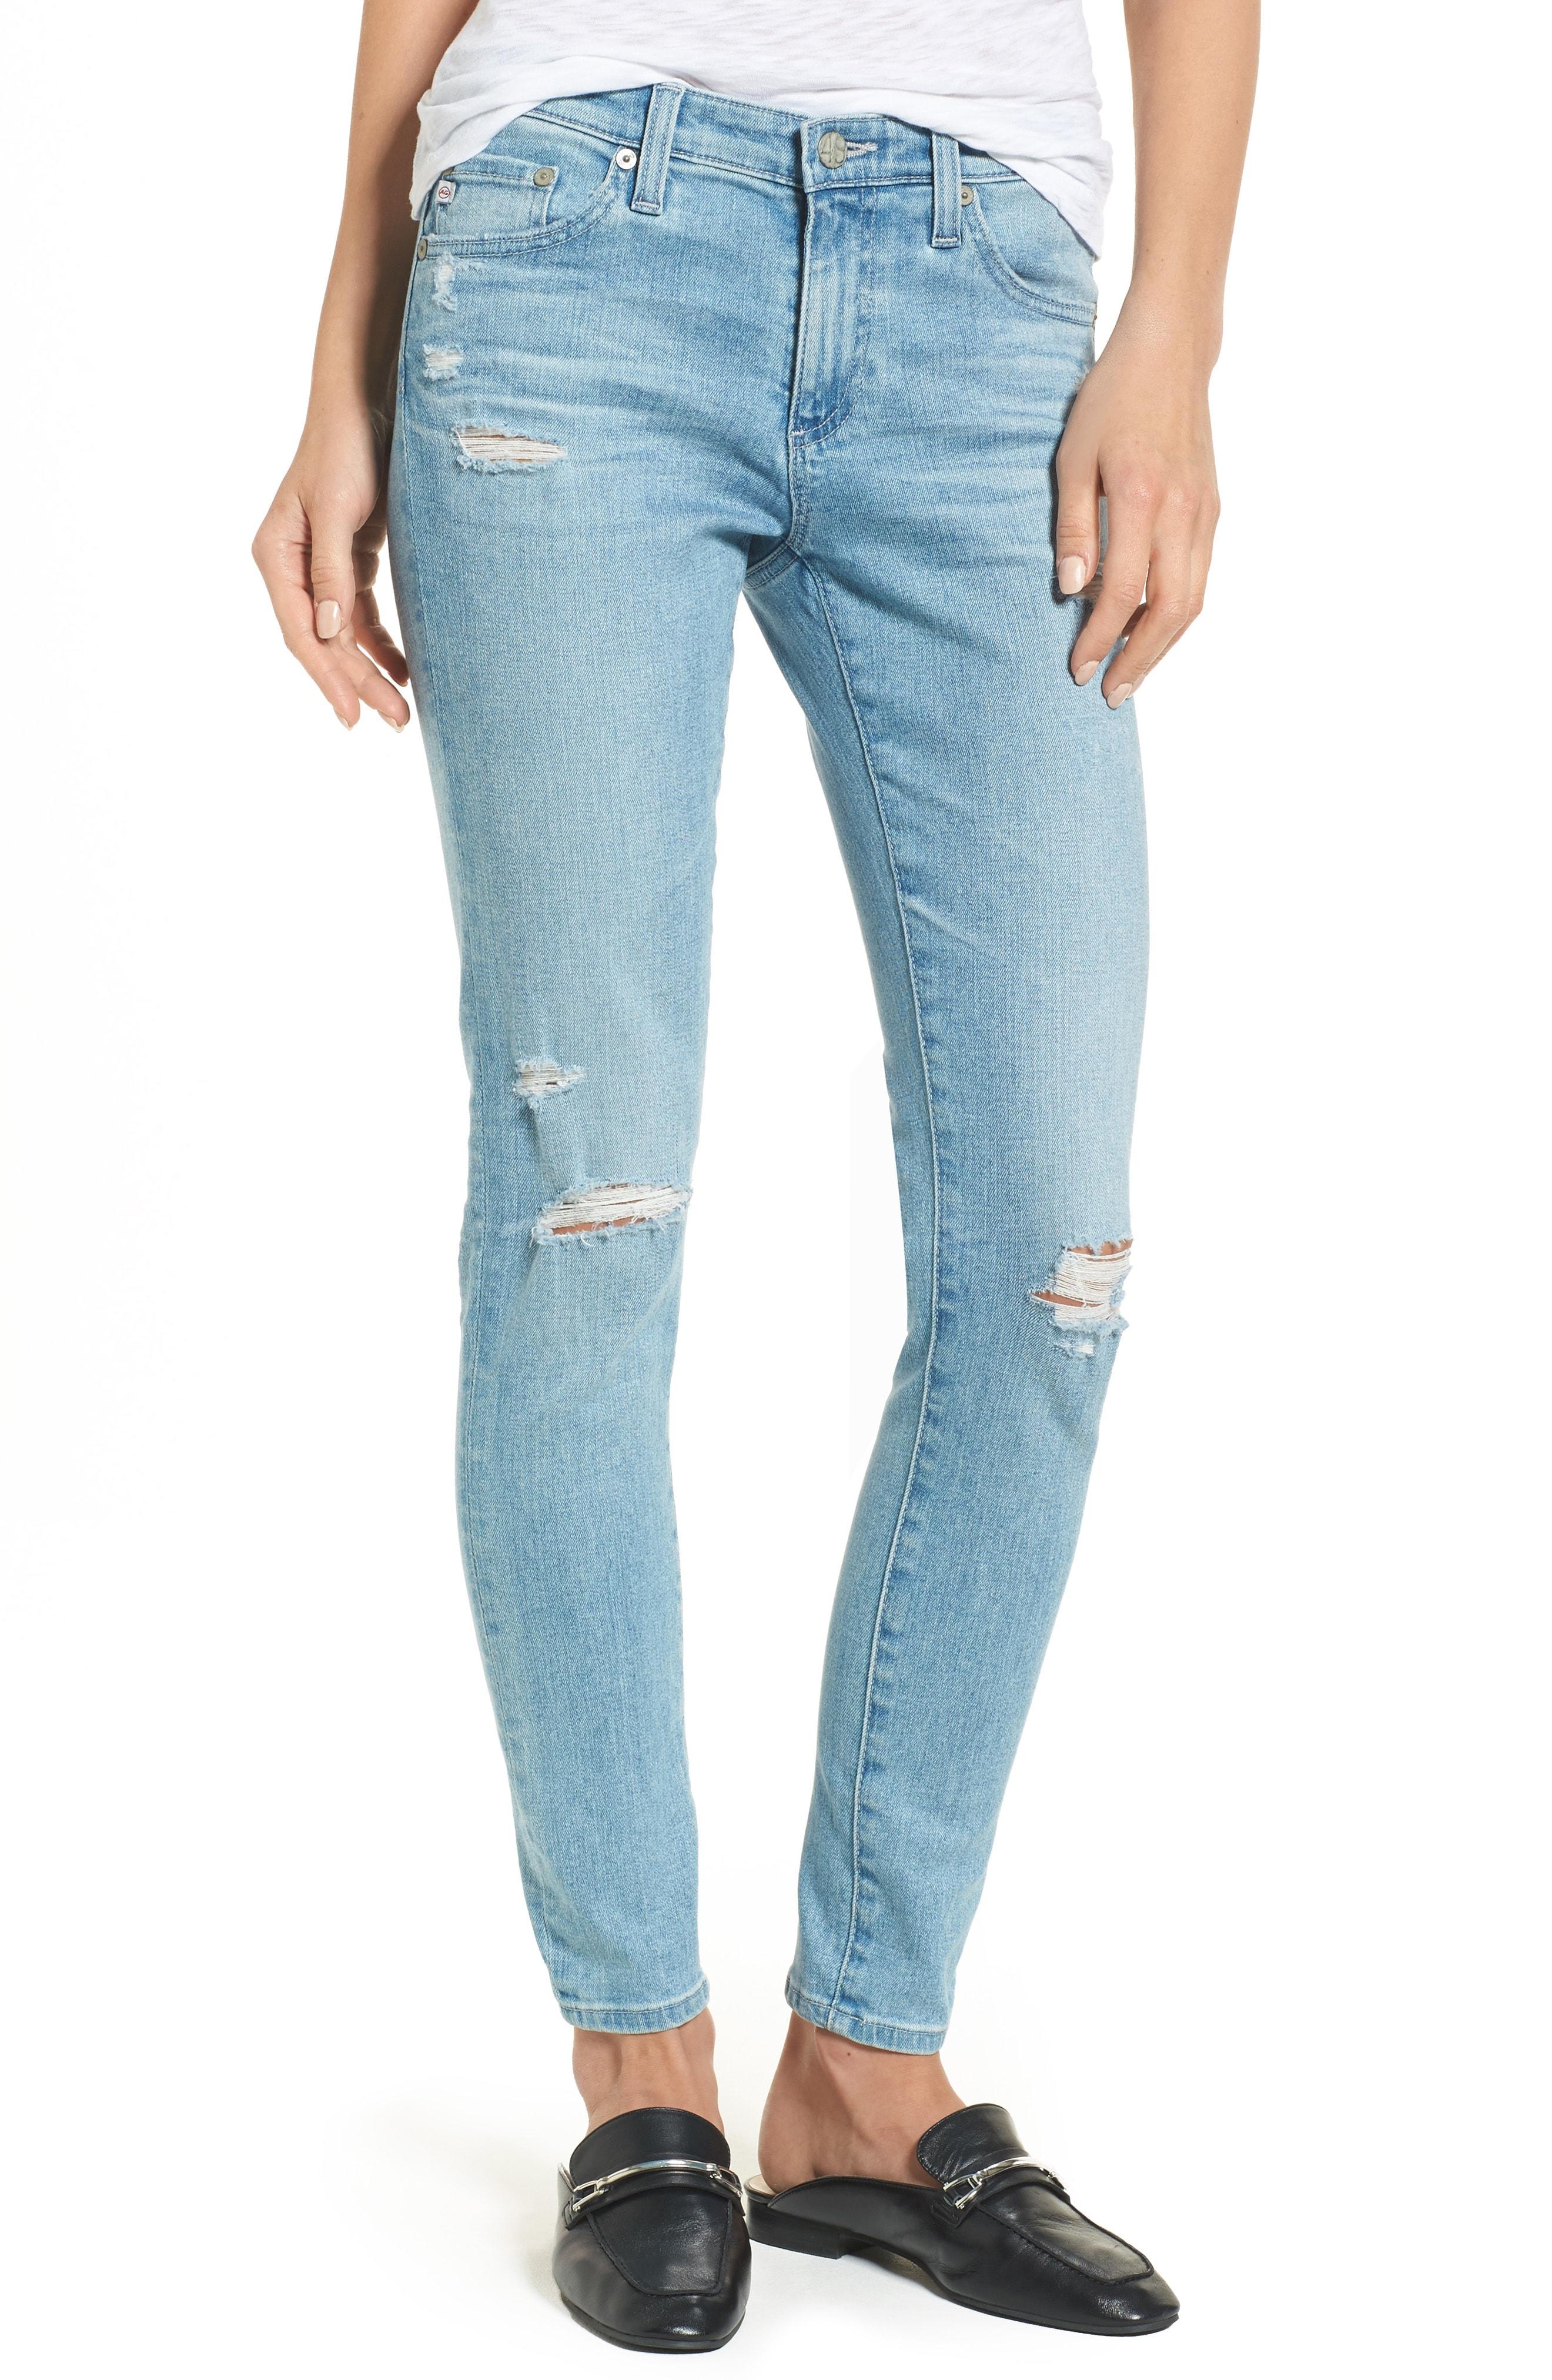 AG The Legging Ankle Super Skinny Jeans (20 Years - Oceana Destructed)